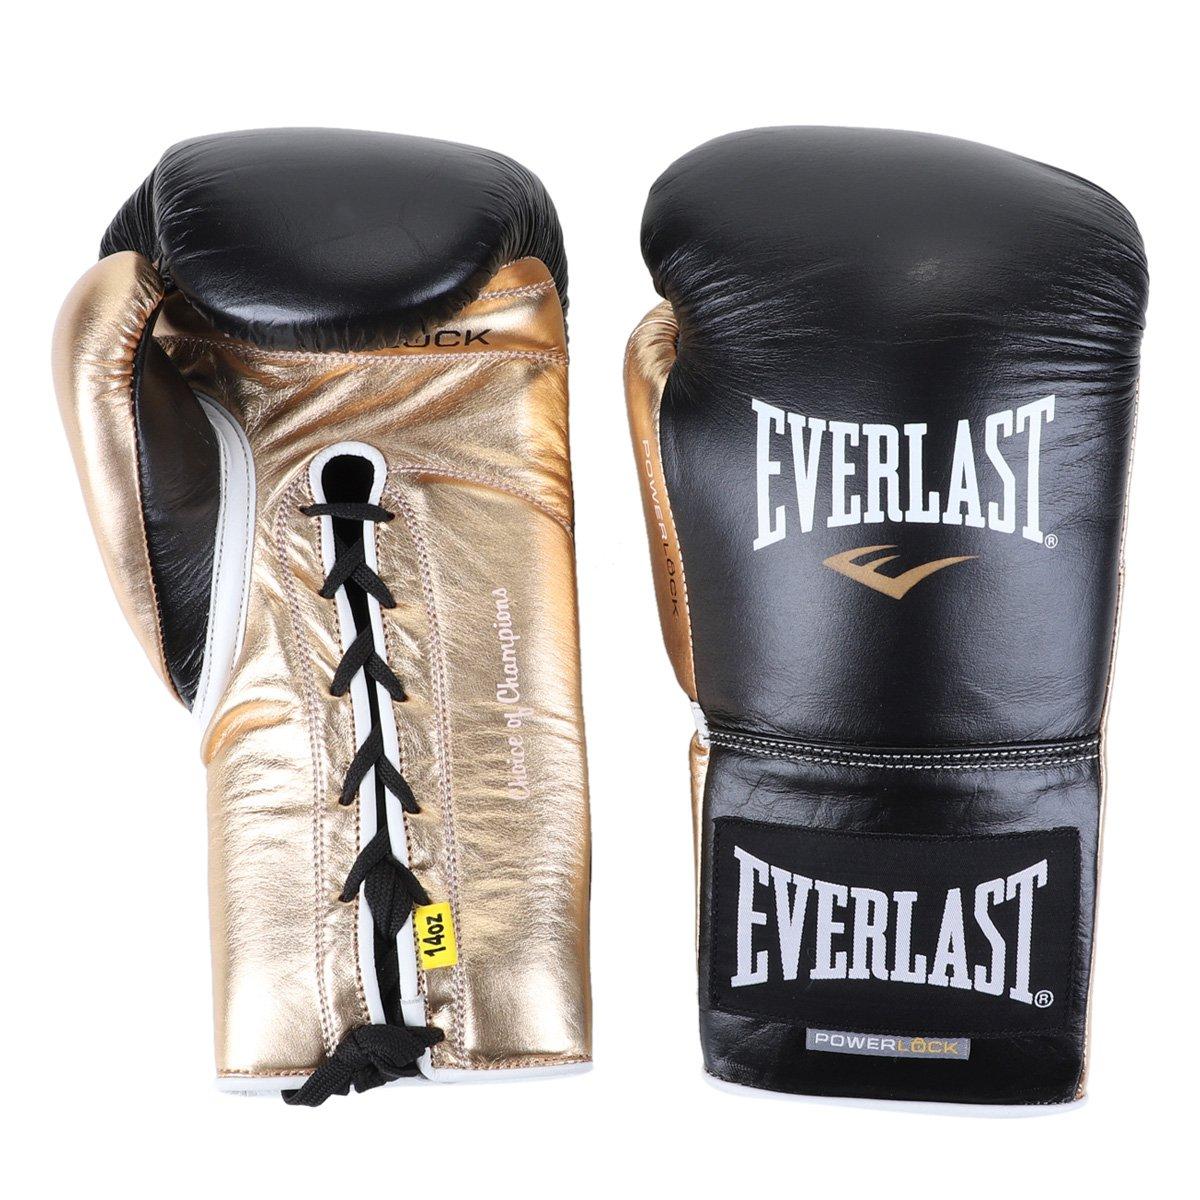 Luva de Boxe/ Muay Thai Everlast Powerlock Amarração 14 Oz